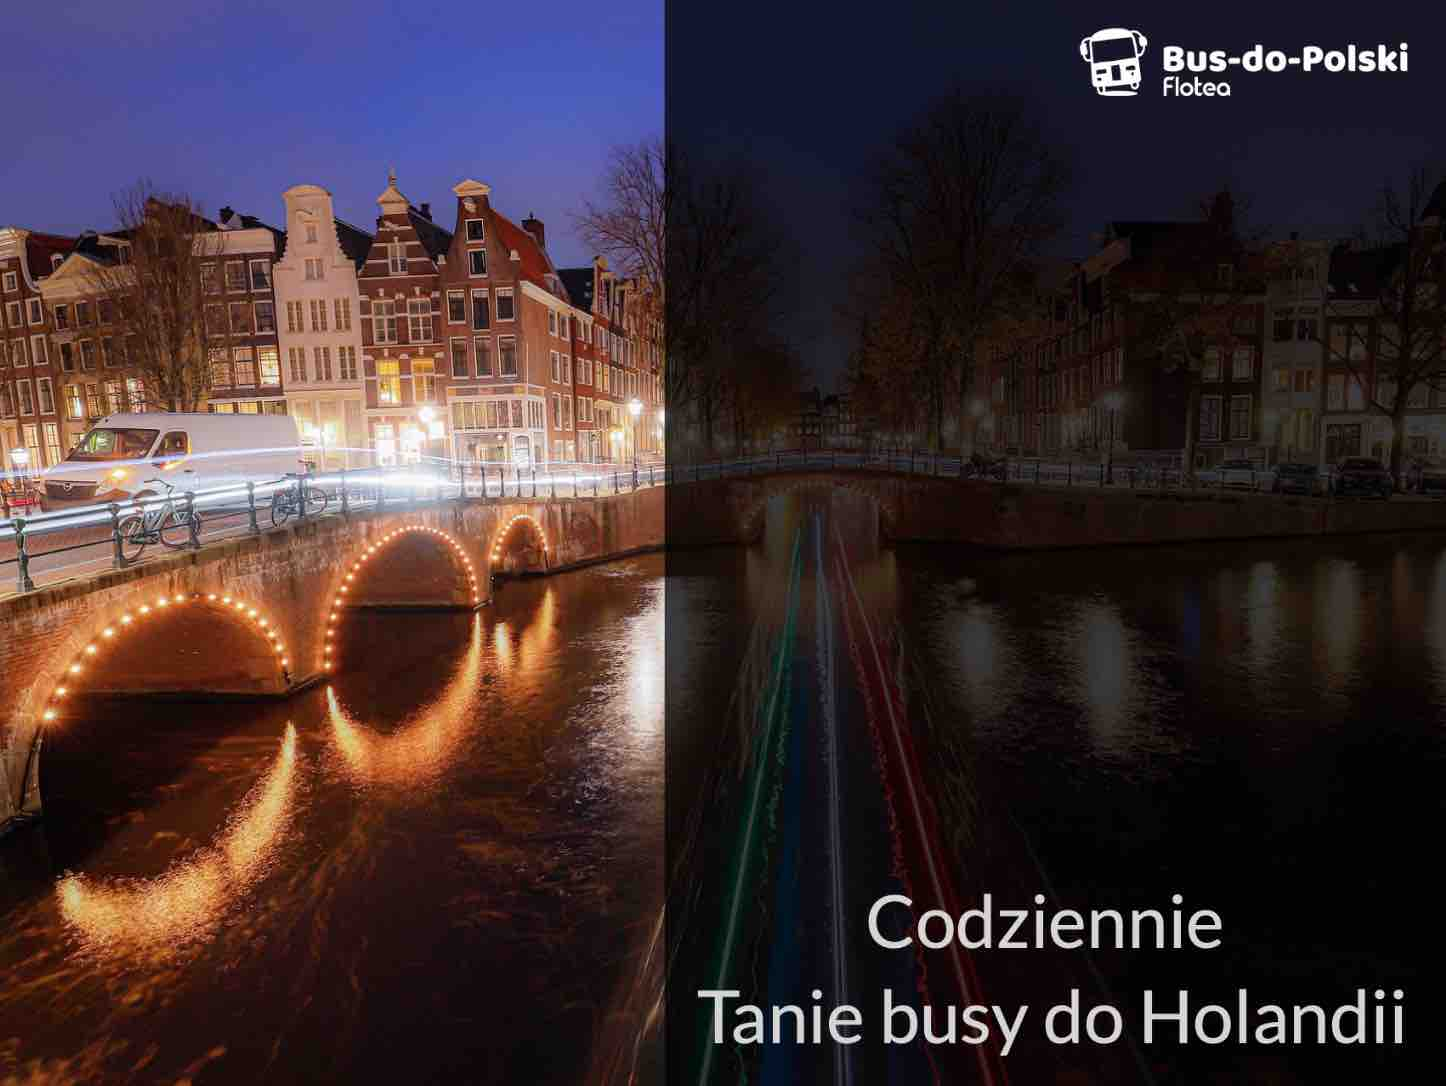 Bus Polska Holandia, Busy do Holandii